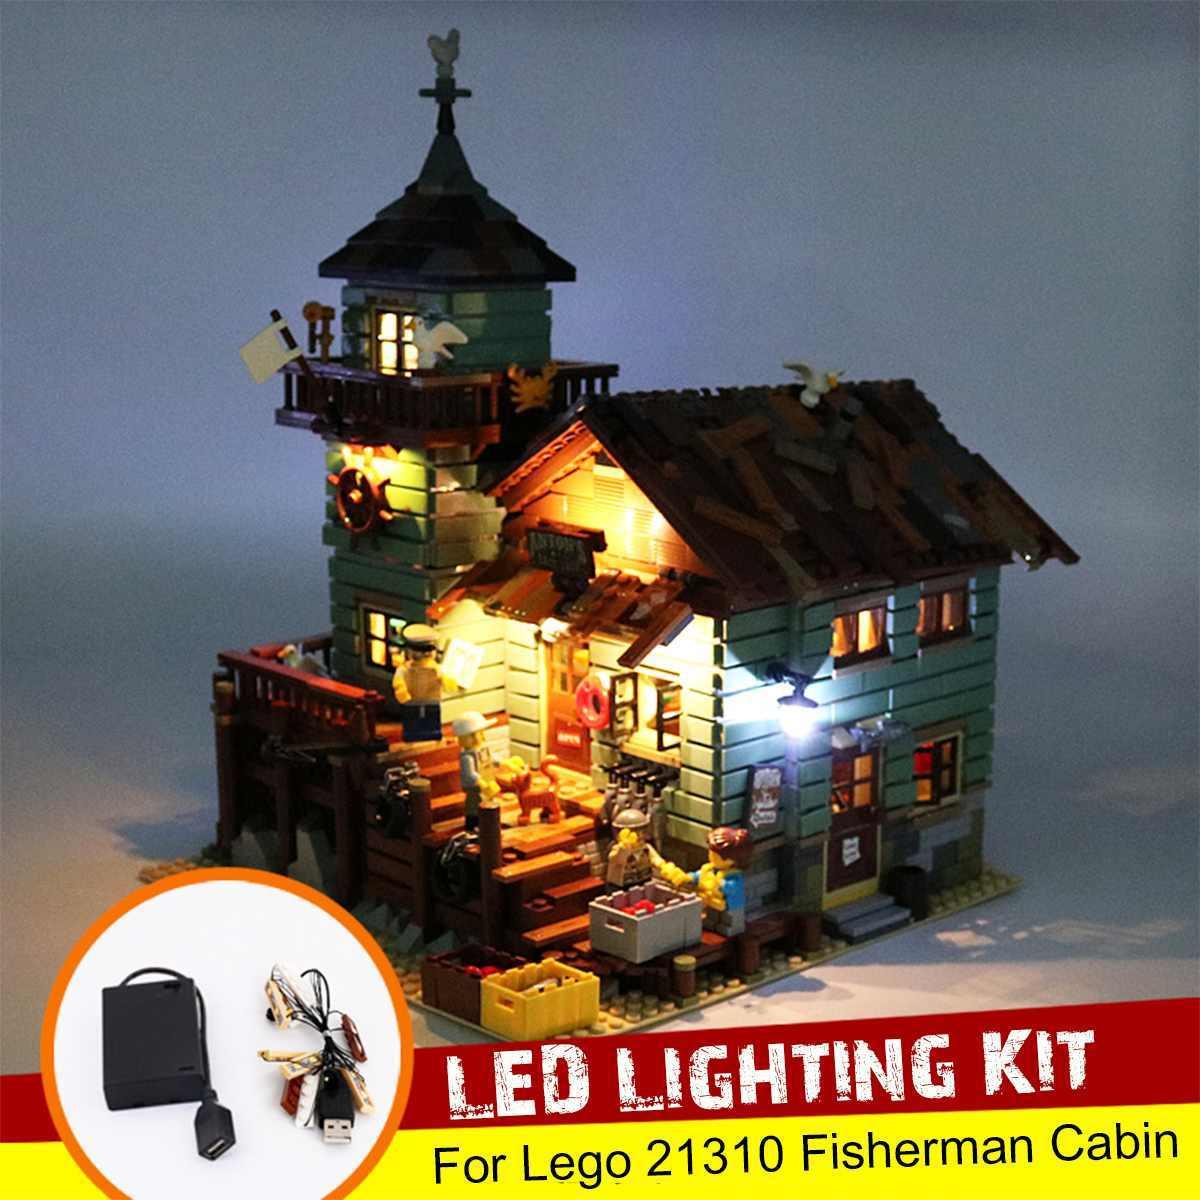 Zestaw oświetlenia LED tylko dla Lego dla 21310 dla, będzie to doskonały zakup zabawki cegły bloki z USB etui na baterię (Model nie wliczone w cenę)